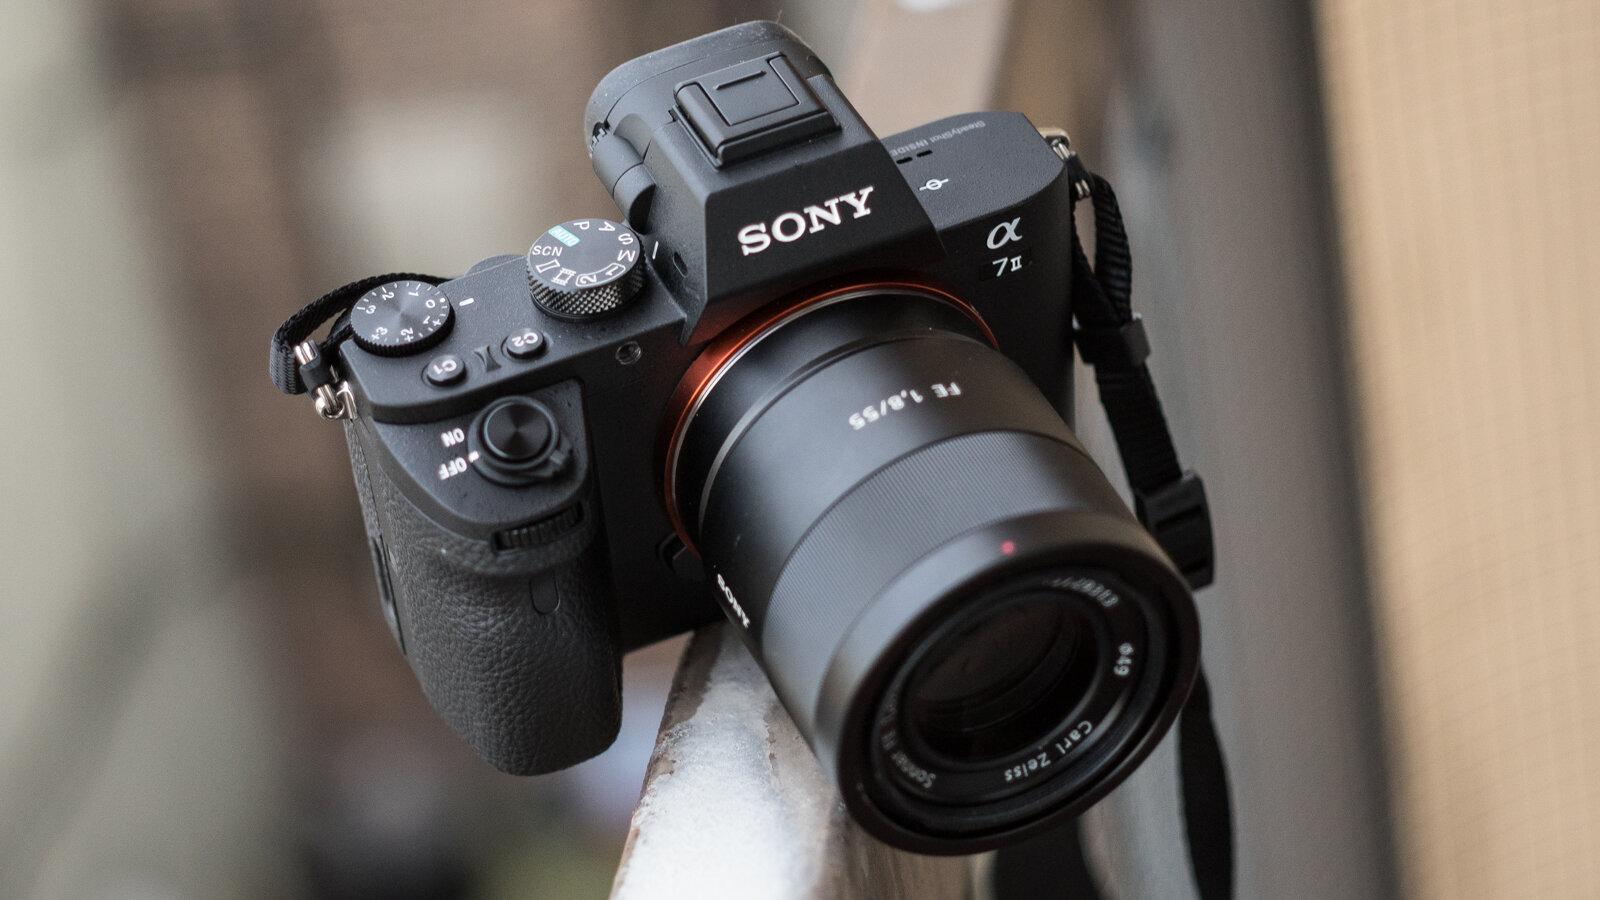 Sony A7 Mark II: Ổn định hình ảnh tuyệt đối với 5 Axis